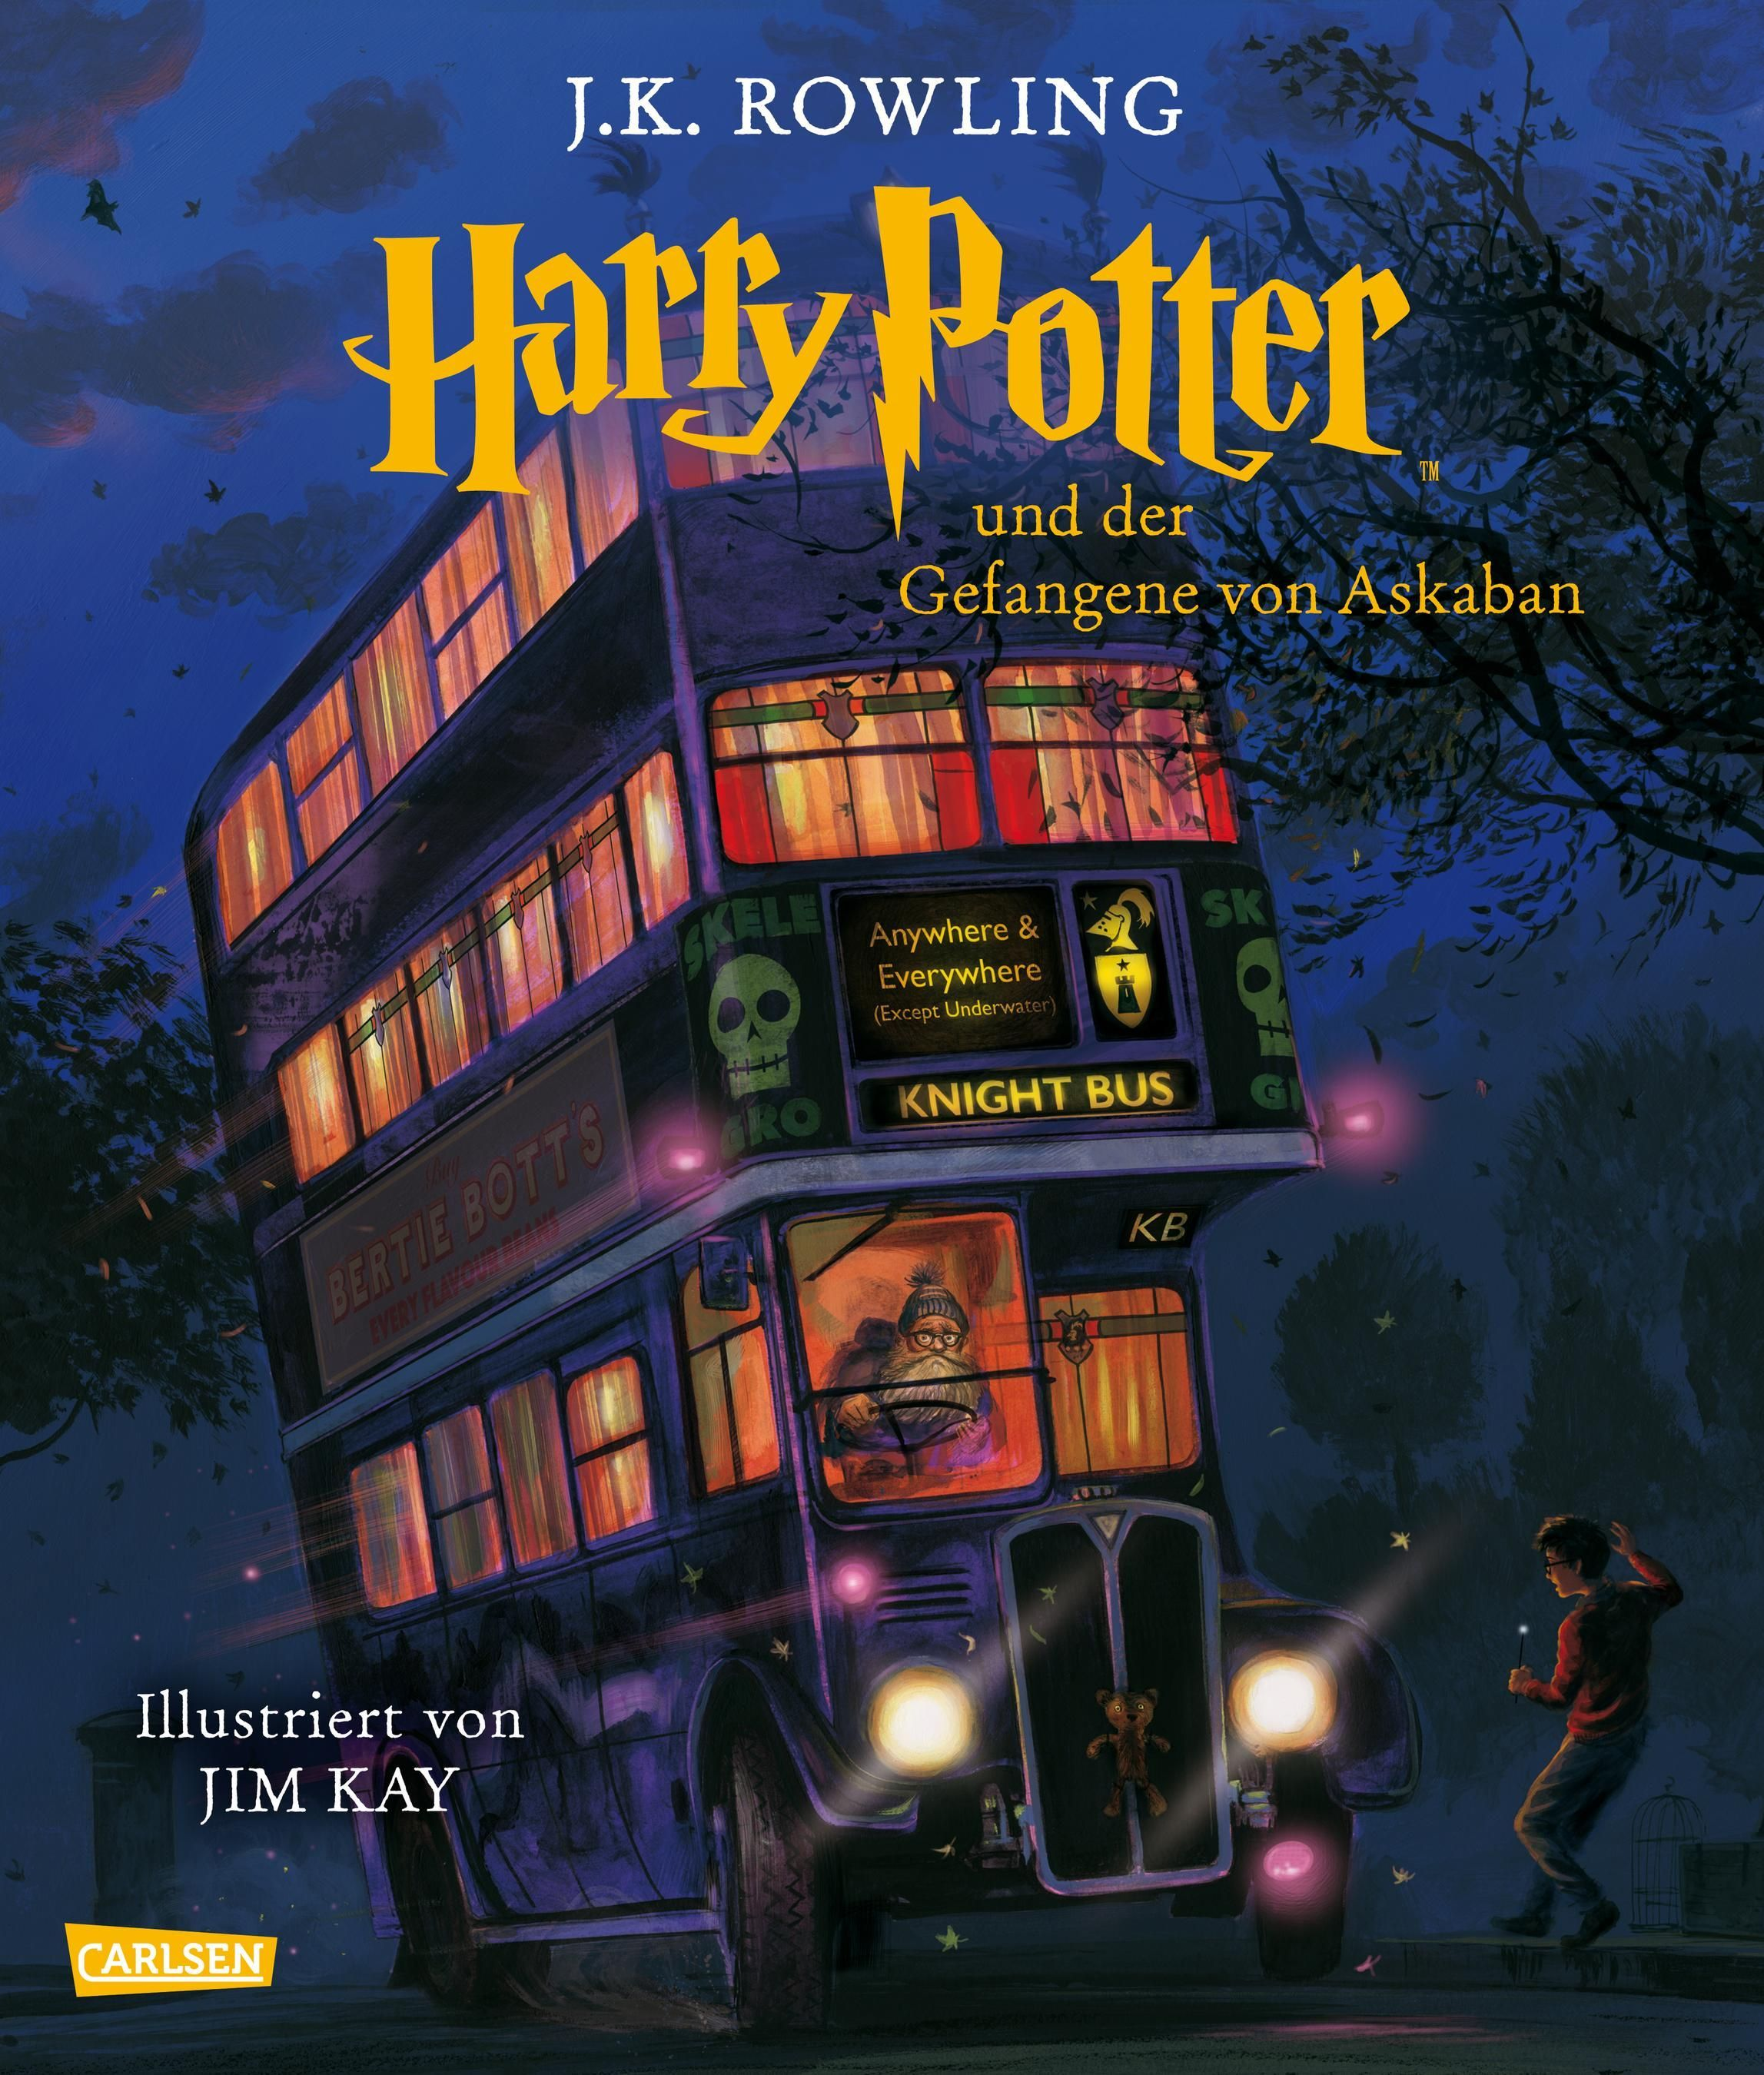 Schmuckausgabe Harry Potter - J.K. Rowling - Carlsen 2017